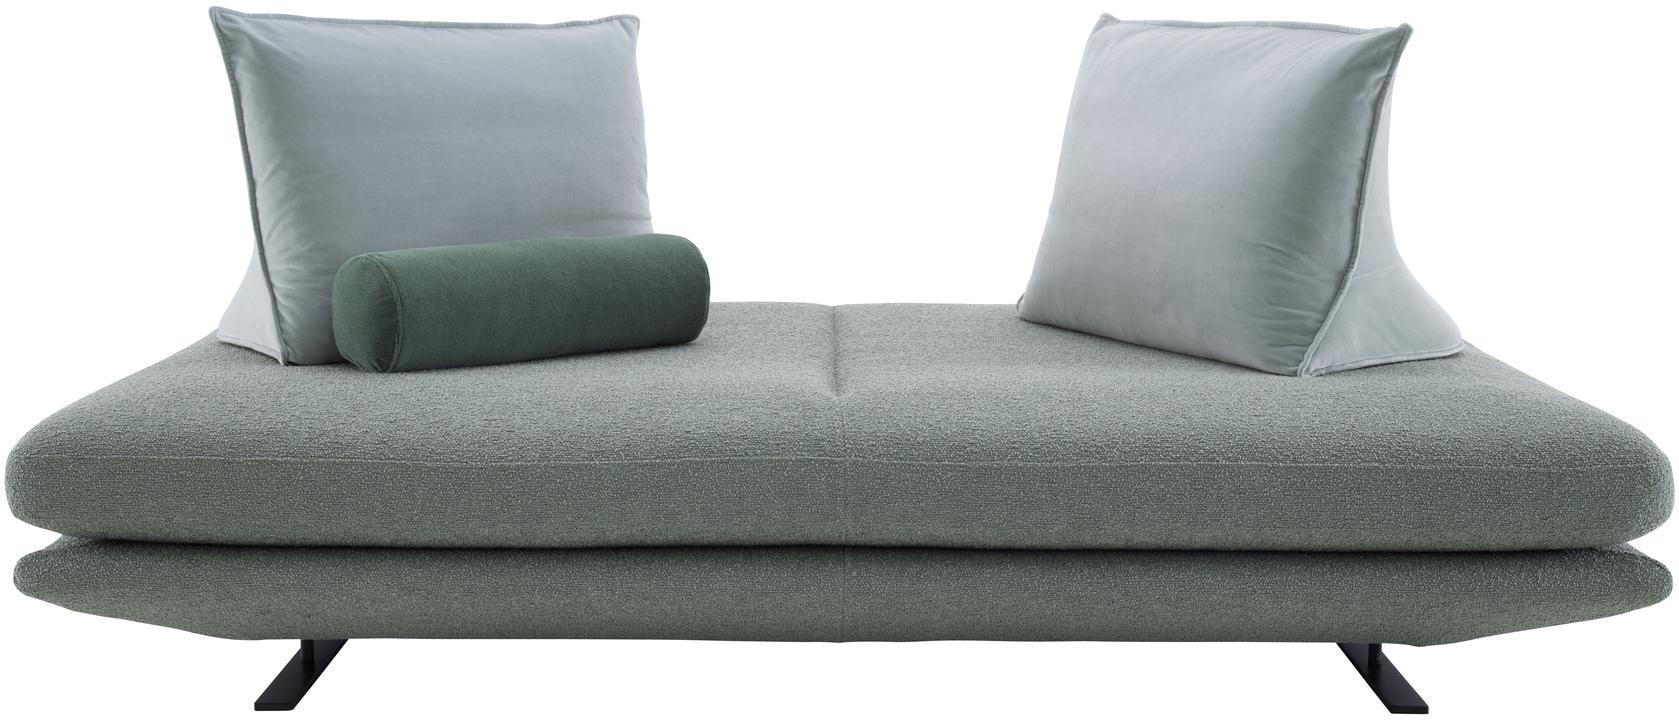 Full Size of Prado Sofa Spannbezug Mit Schlaffunktion Hersteller Riess Ambiente Günstiges Wohnlandschaft Ektorp Garnitur 2 Teilig Big Boxspring U Form Sitzer Leinen Sofa Sofa Spannbezug